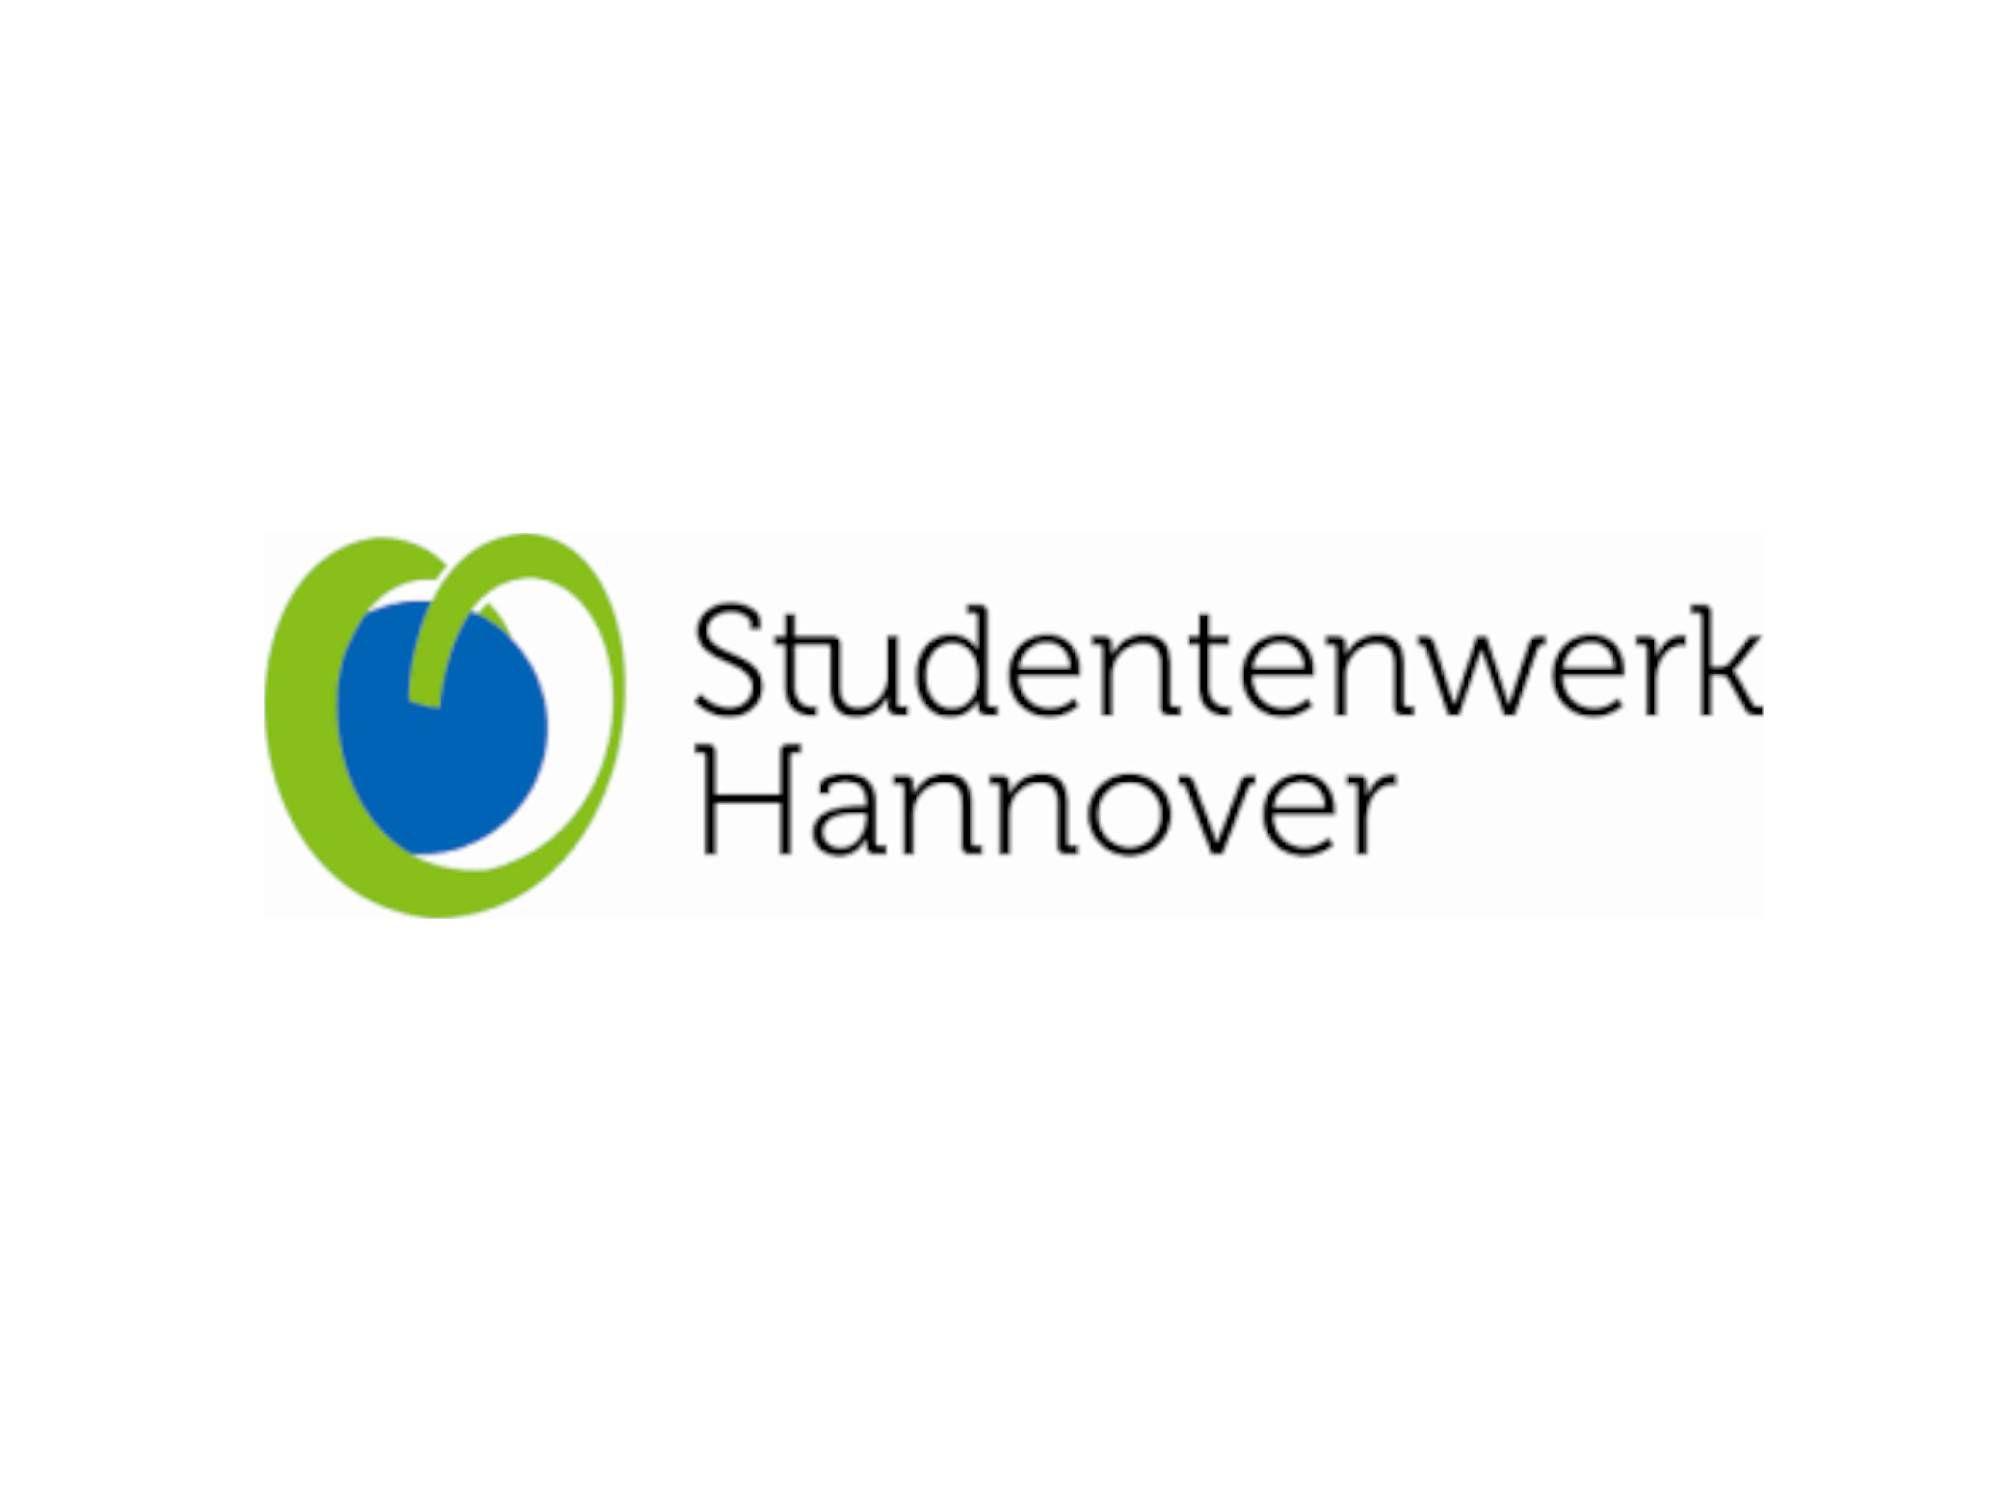 Studentenwerk Hanover